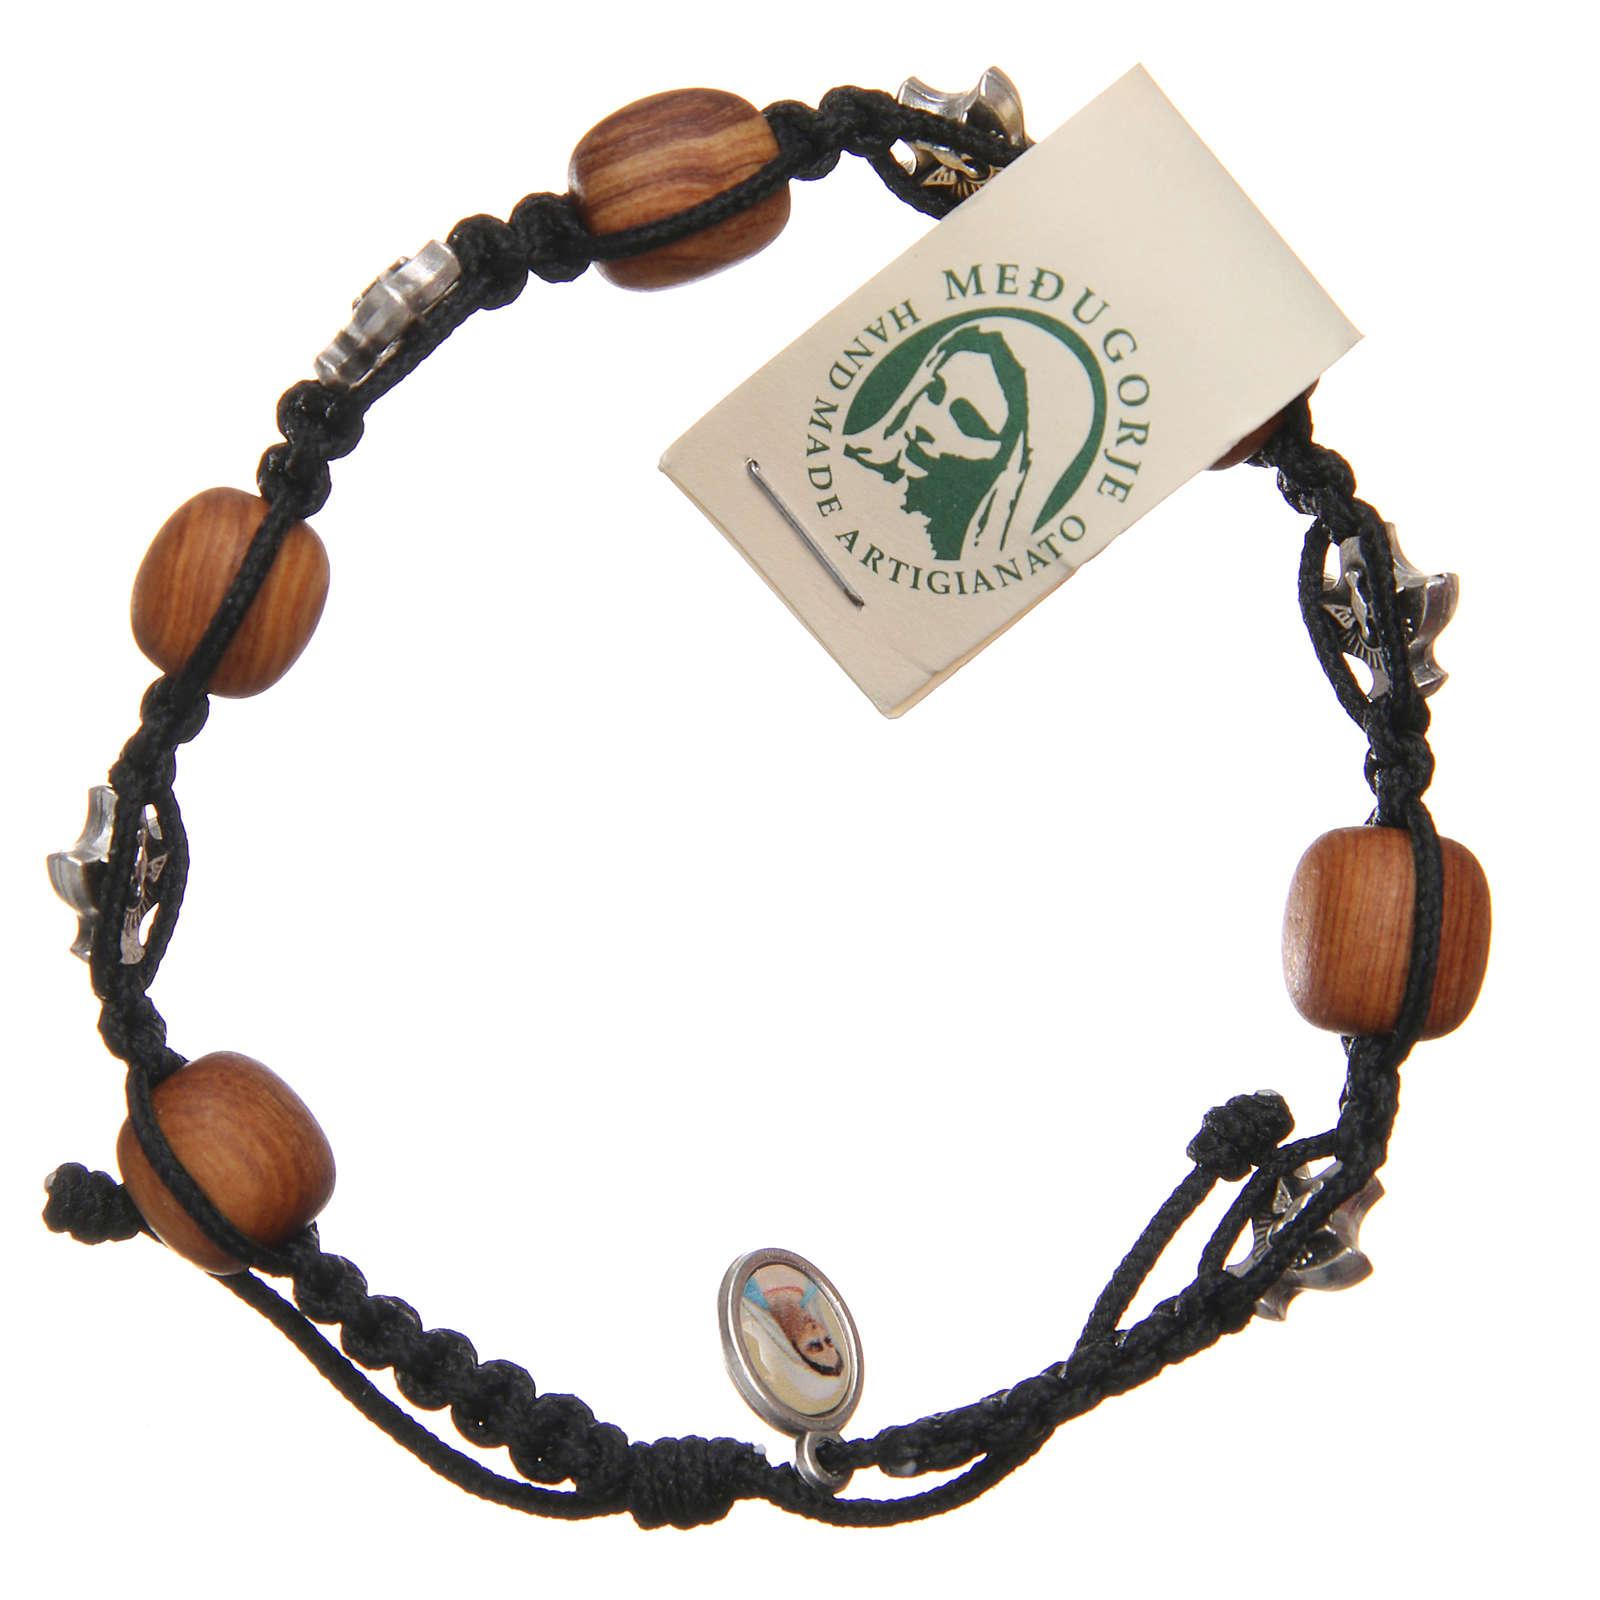 Bracelet Medjugorje black rope and olive wood 4